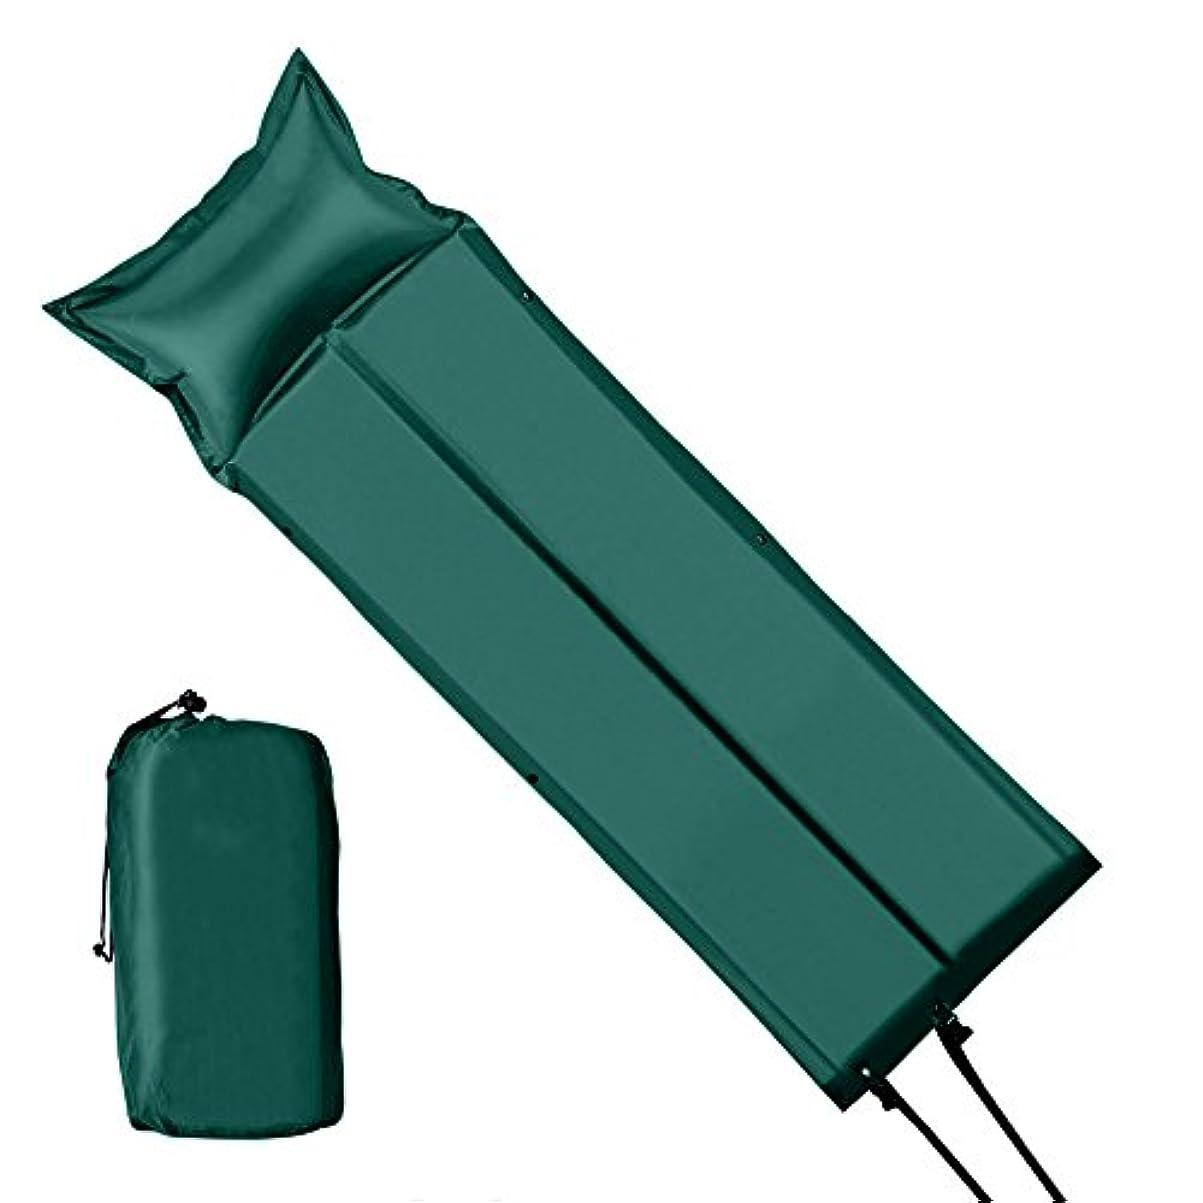 ロータリー傾いた請願者エアーマット FDLH エアーマット 自動膨張 車中泊 マット アウトドアマット キャンプ 軽量 防水 連結可能 高反発